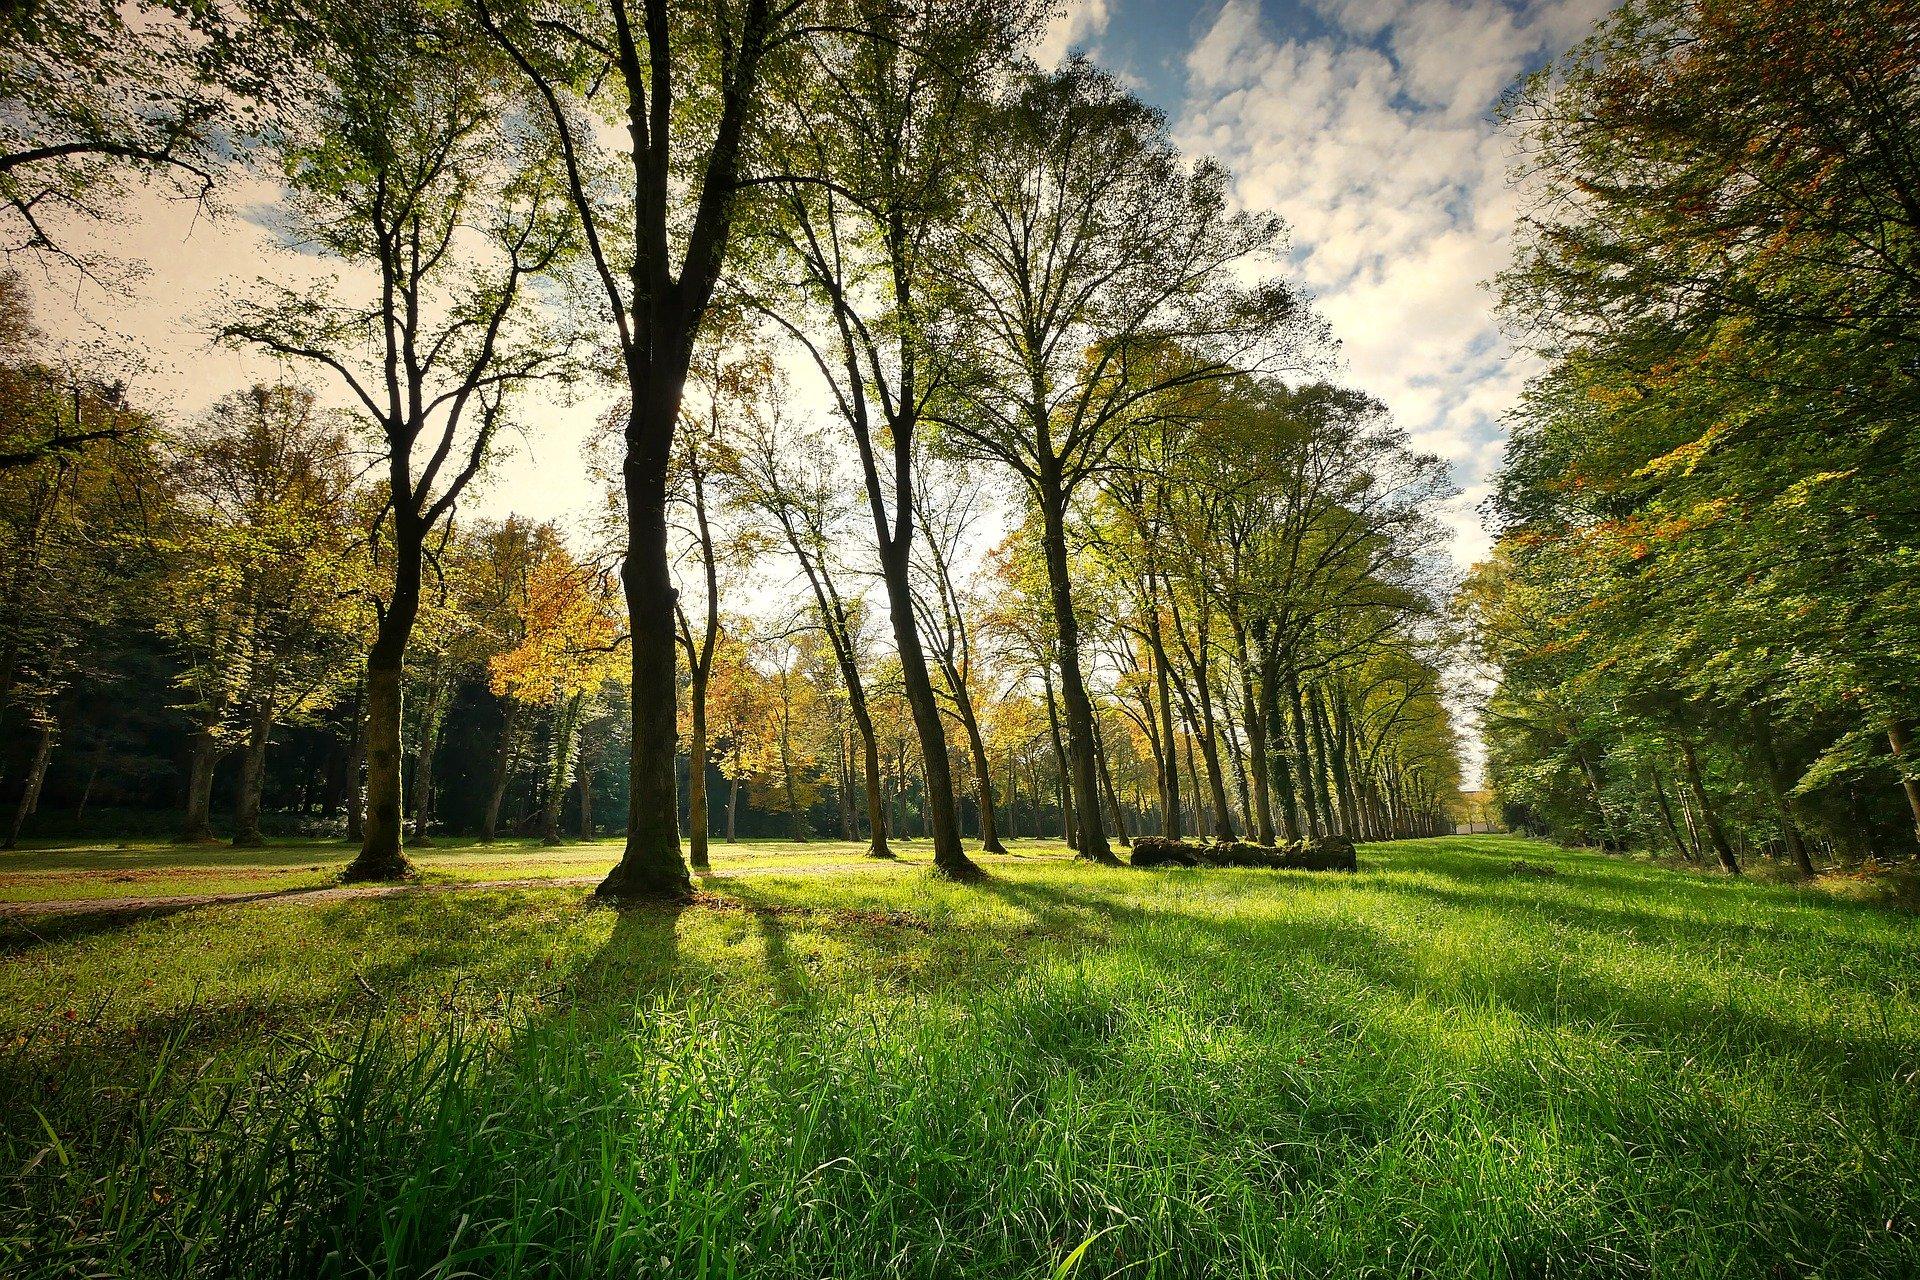 trees-3076834_1920